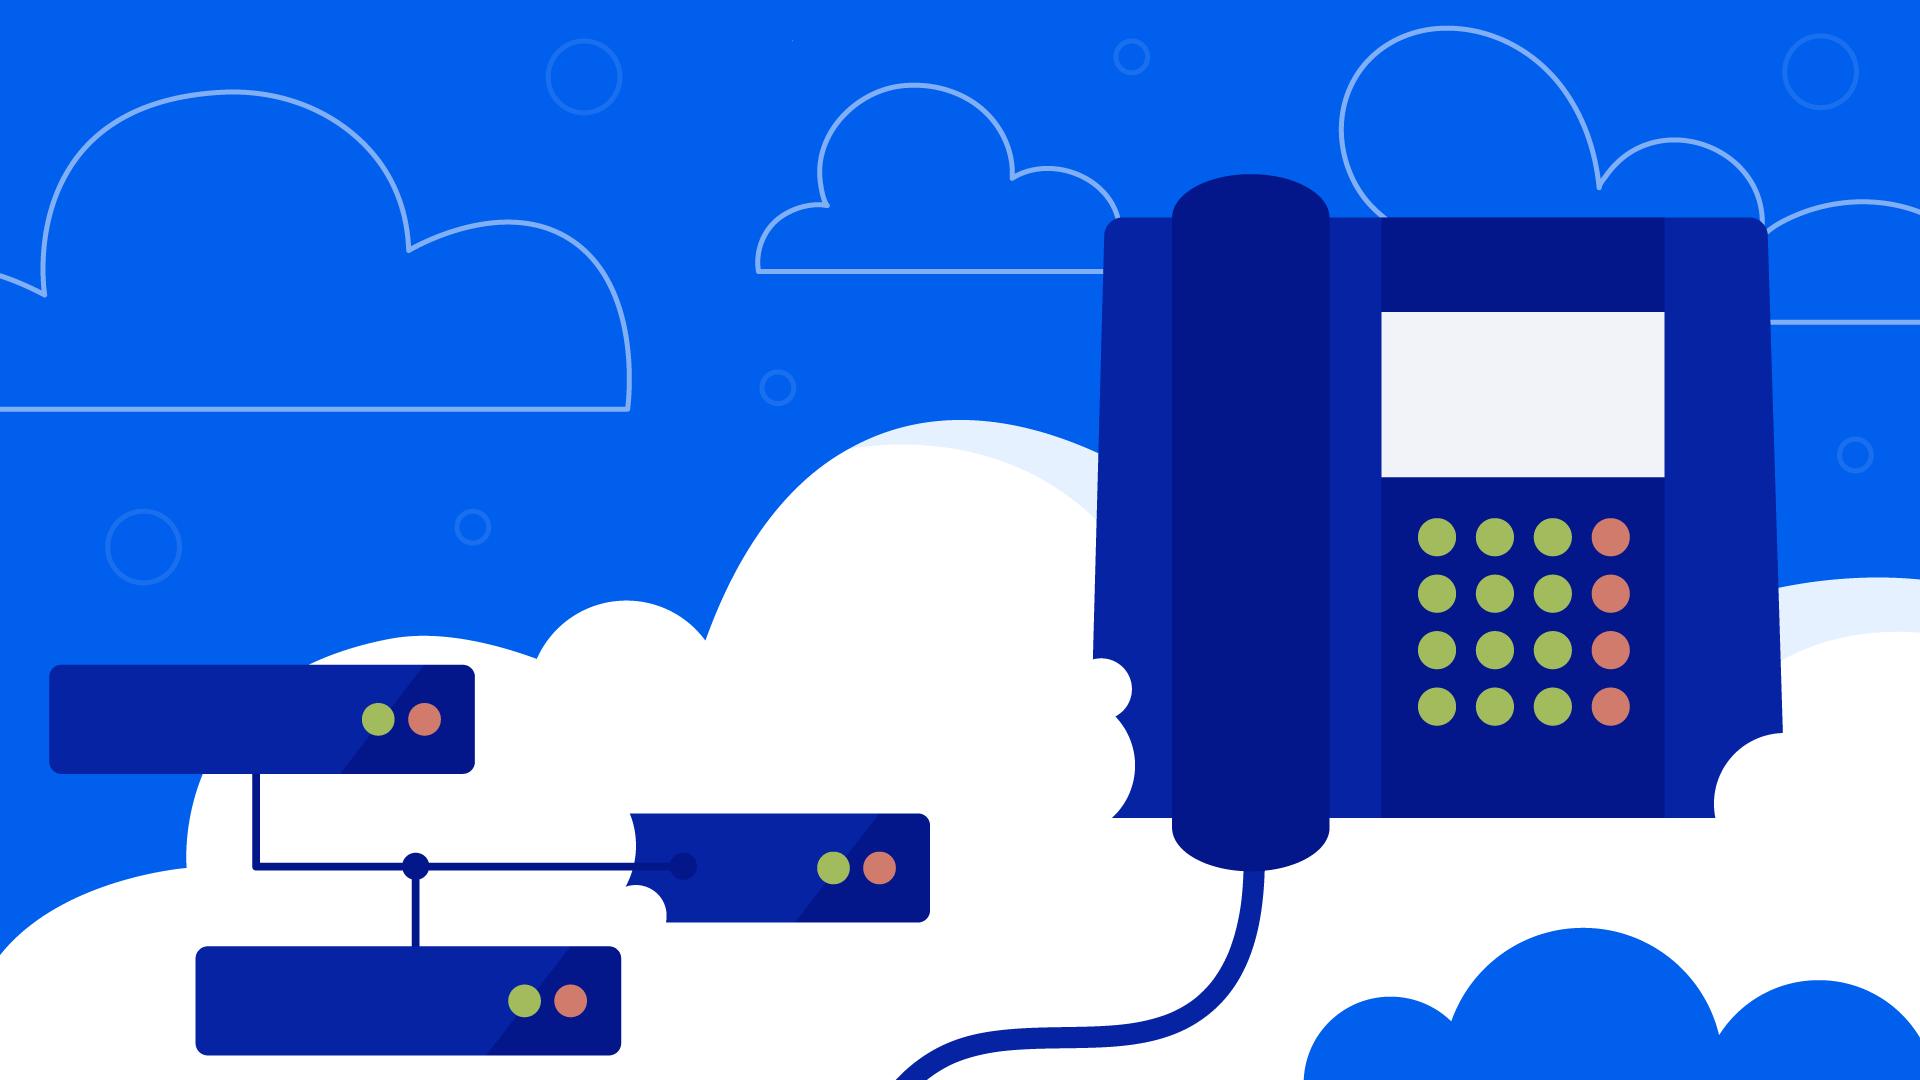 مزایا و معایب VoIP چیست؟